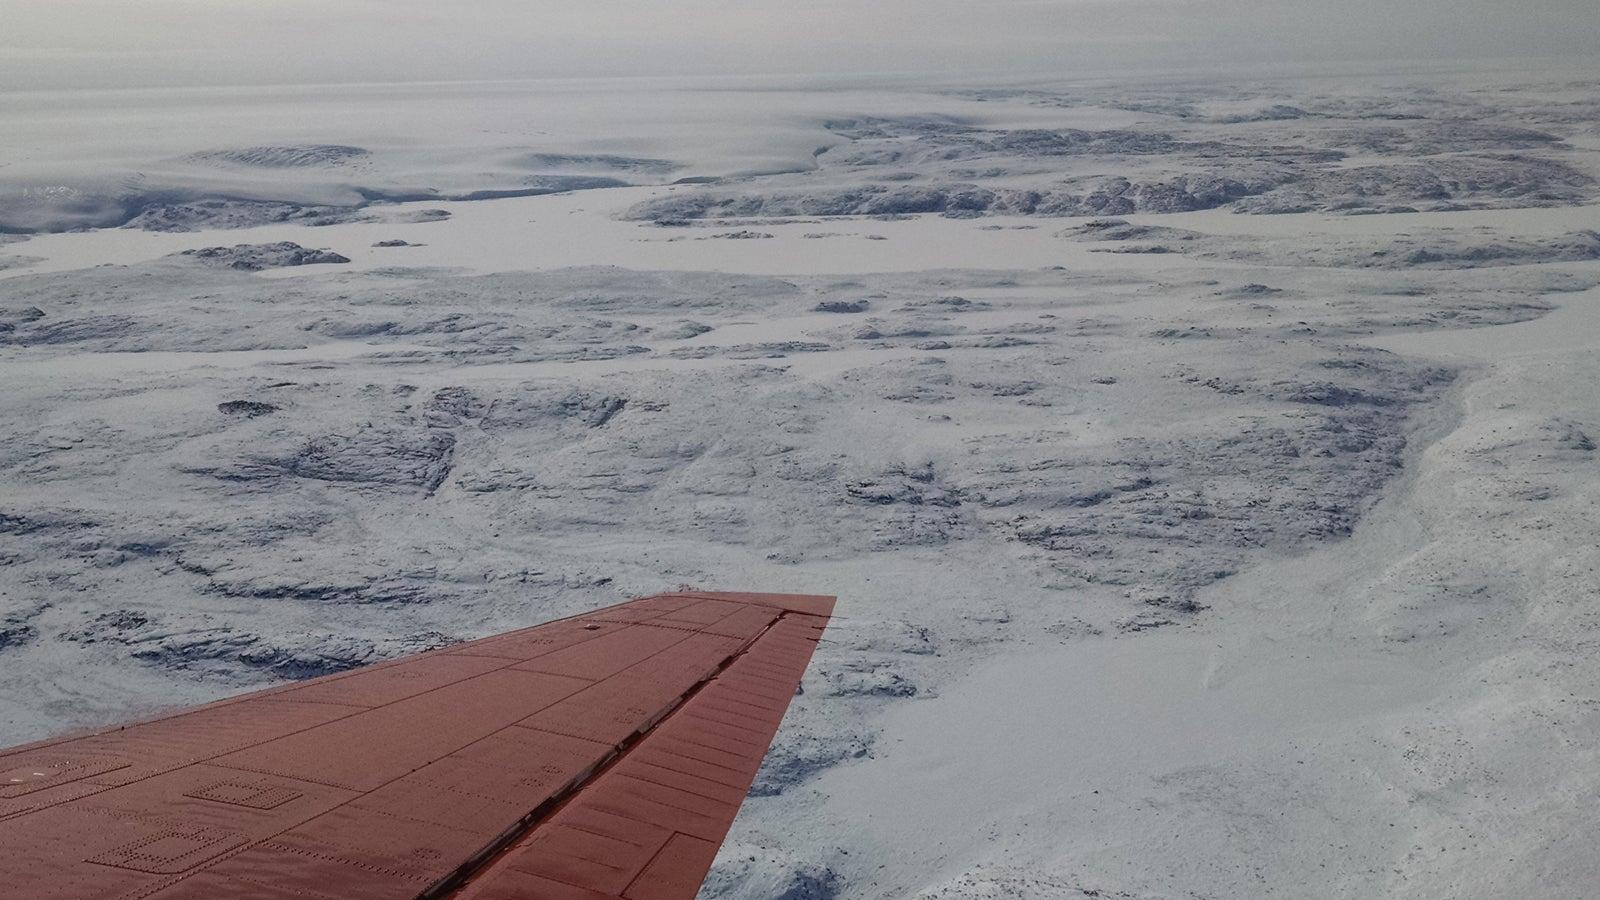 31-Kilometer breiter Krater entdeckt: Ein gigantischer Meteorit traf Grönland